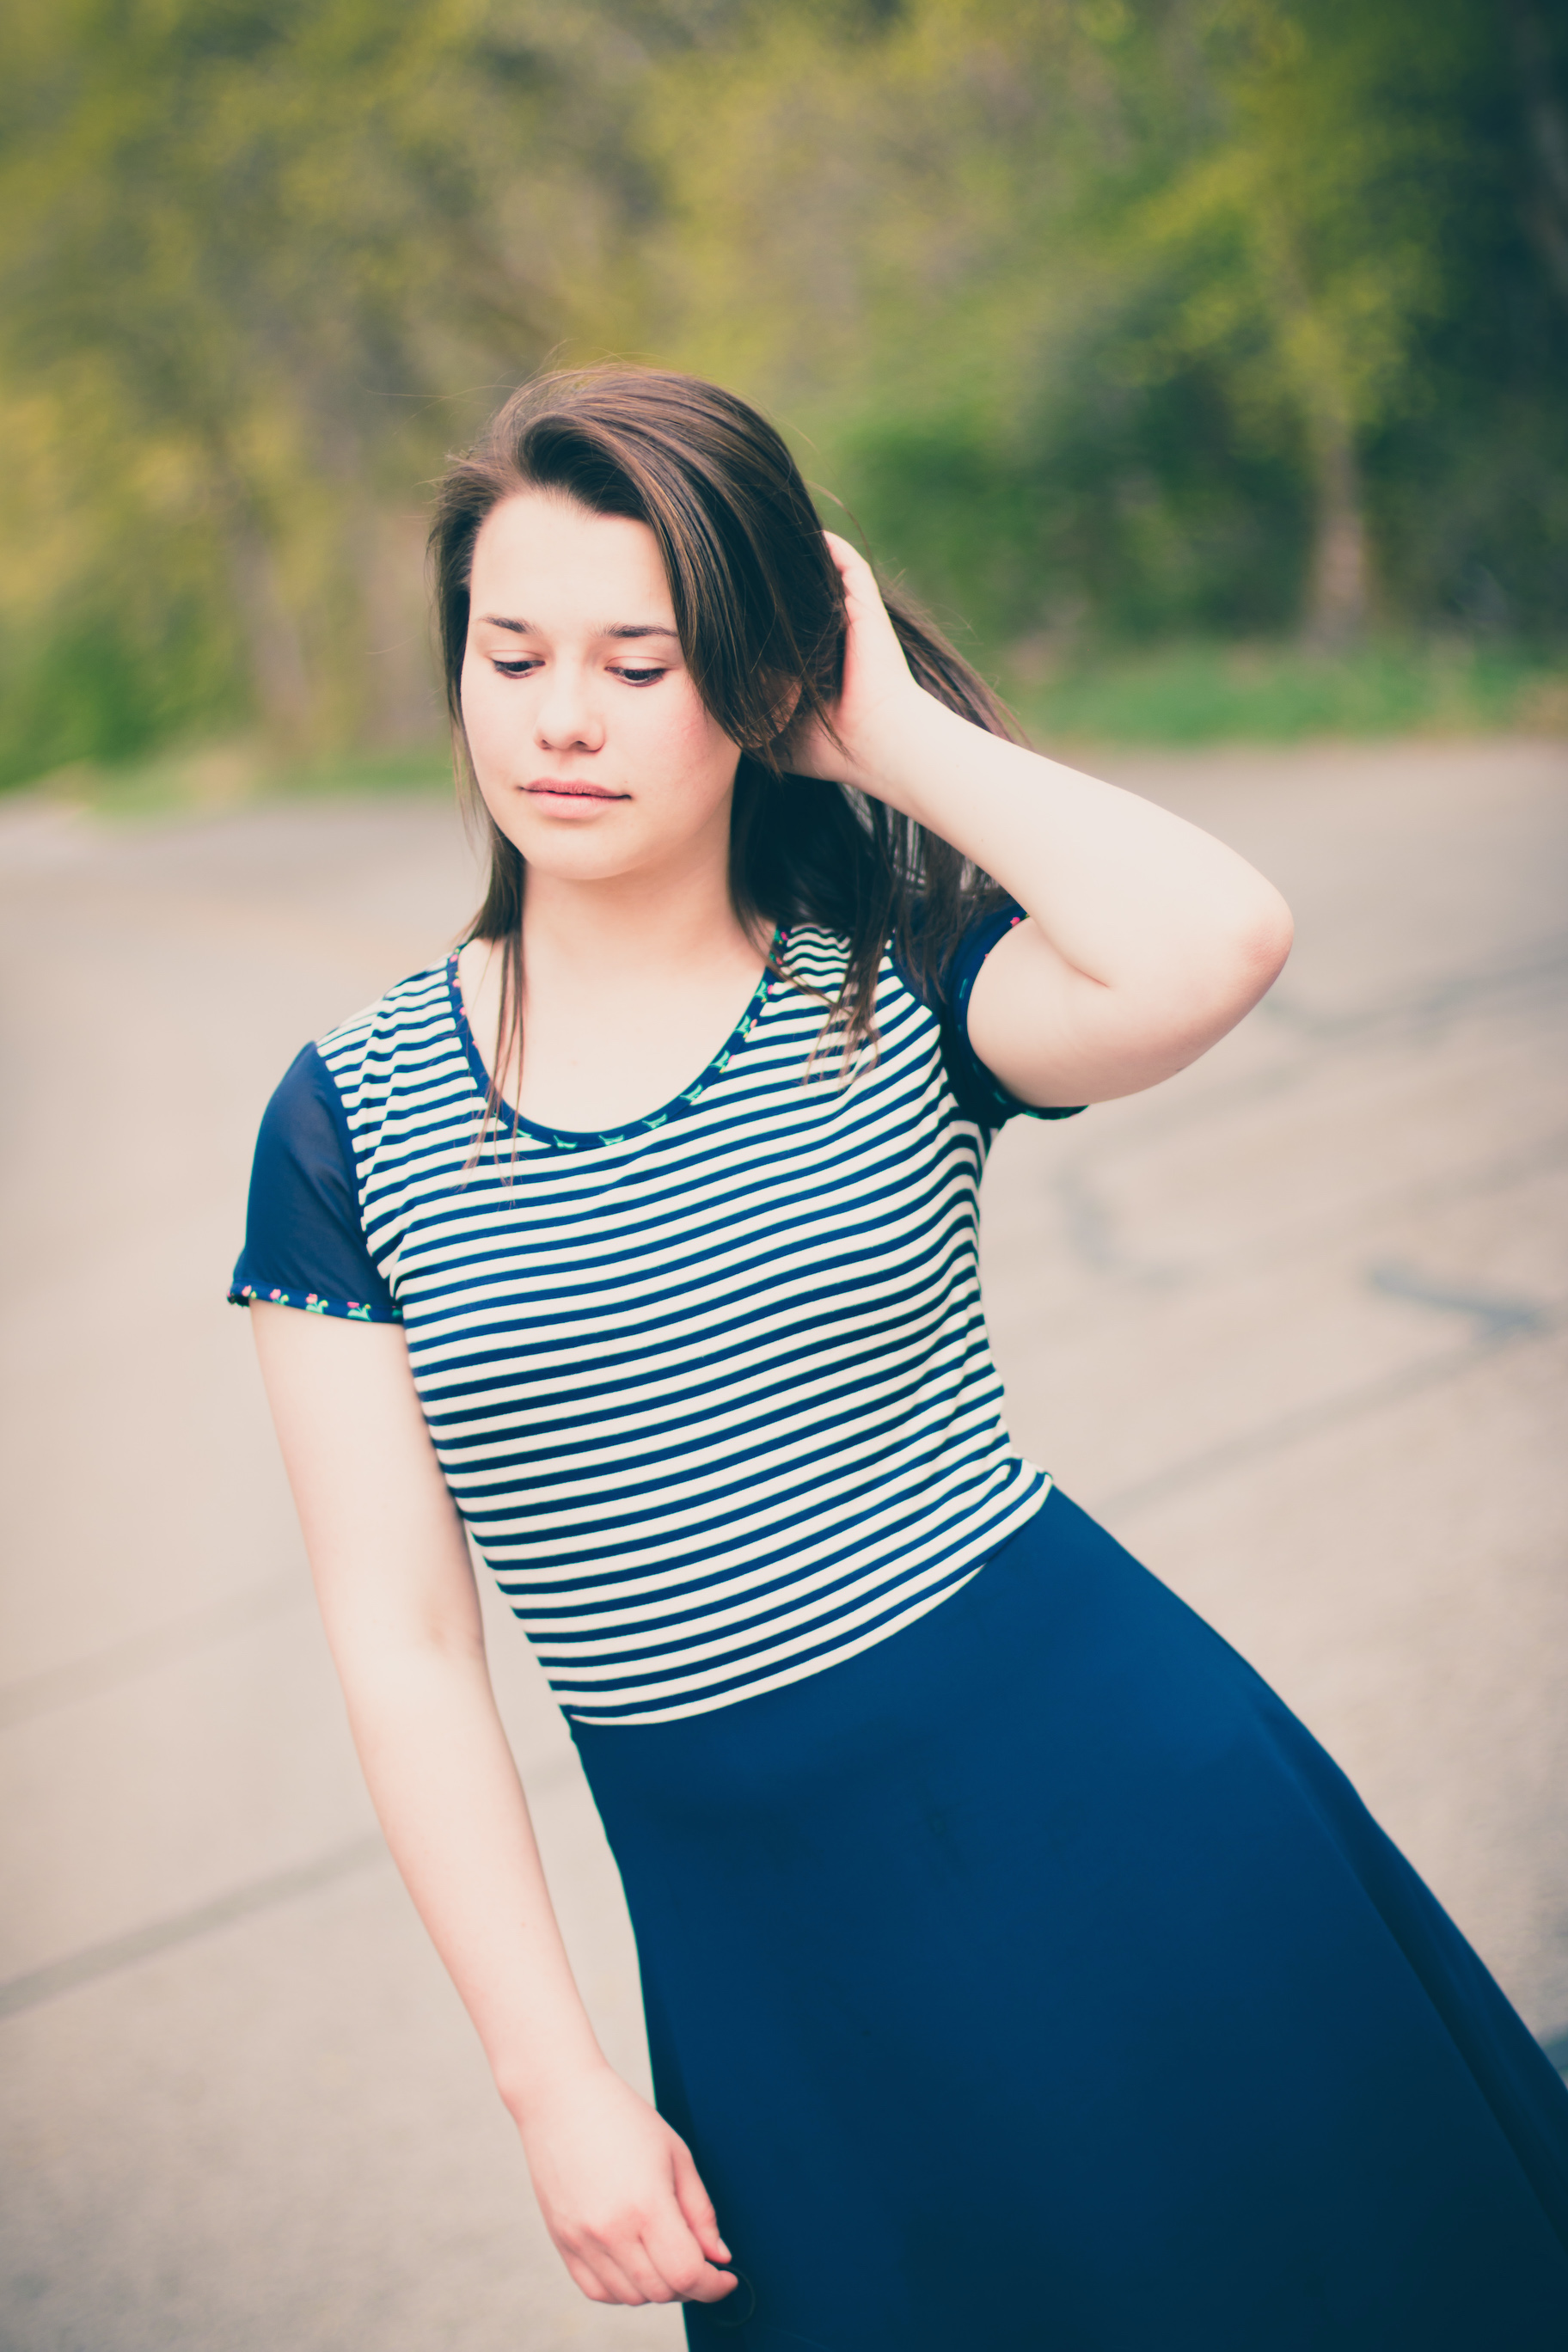 Rachel_125_Vintage.jpg